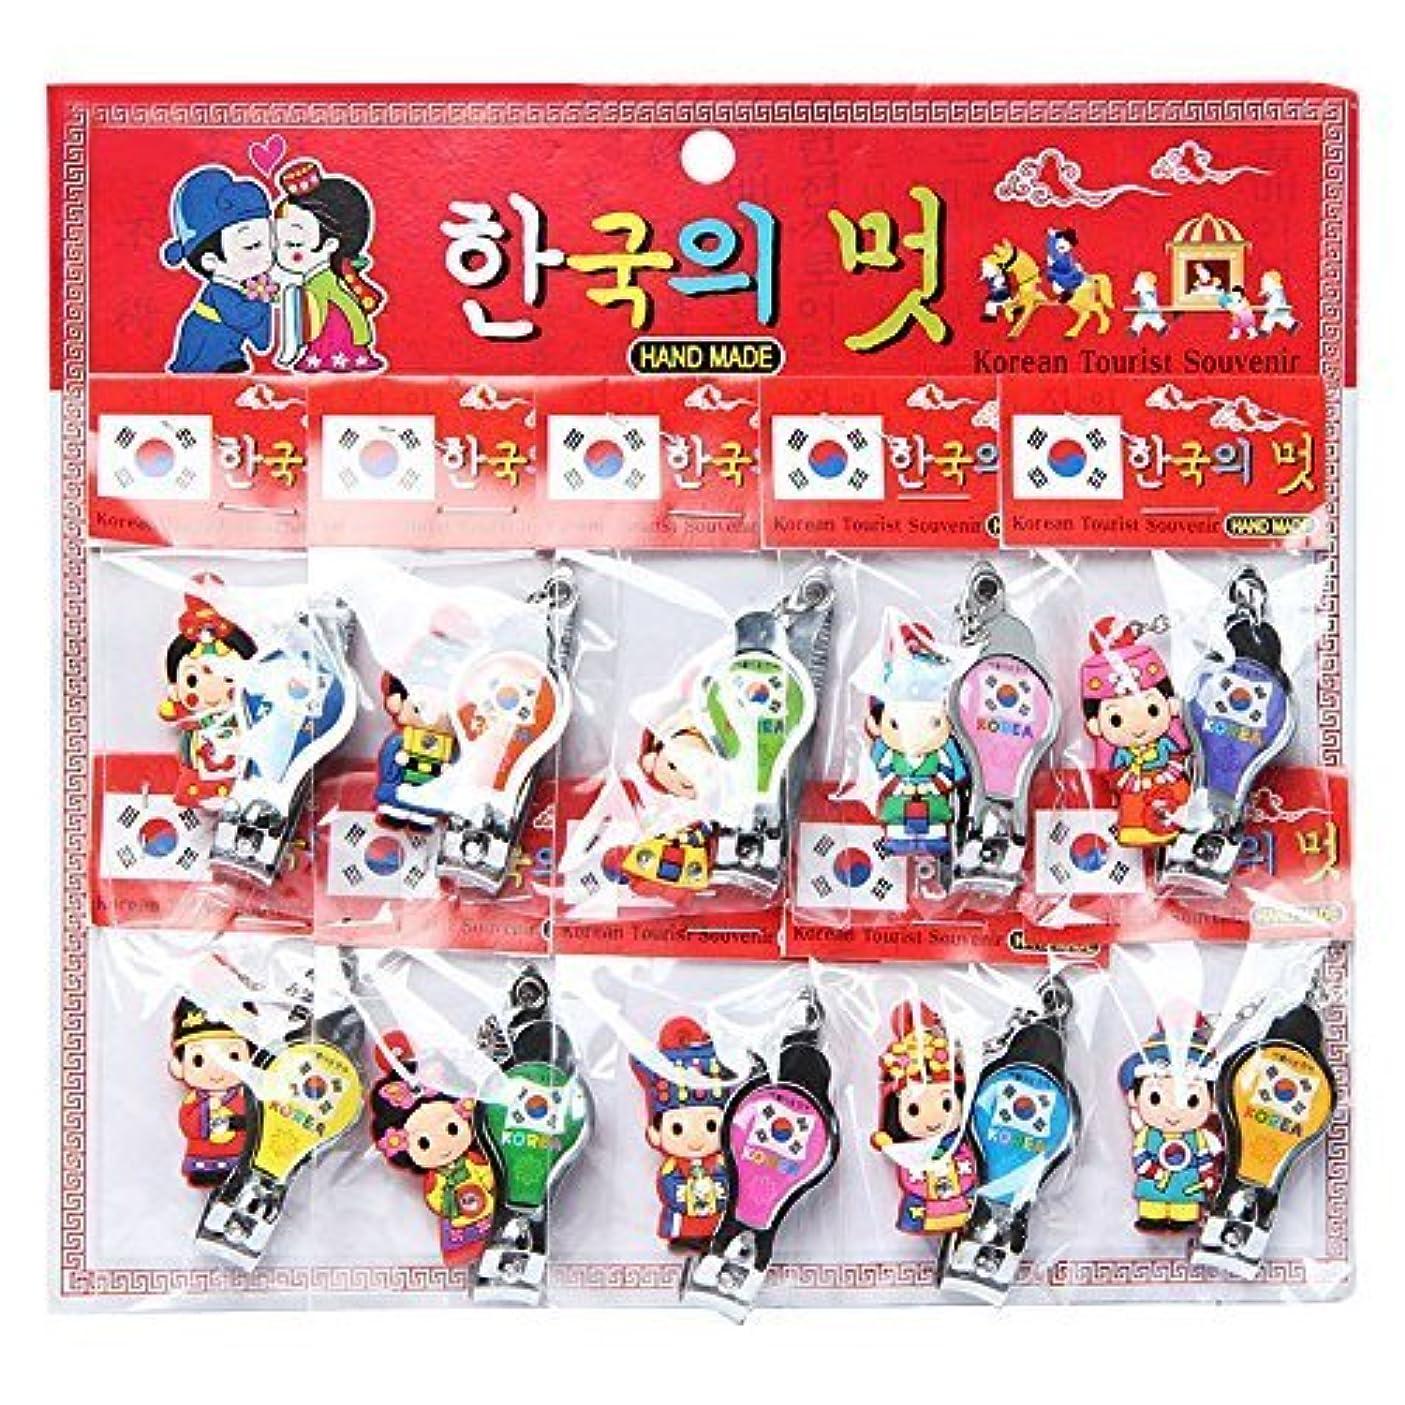 残基合わせて雪だるまを作るKOREA style Nail clippers / 韓国のお土産ギフト [並行輸入品]